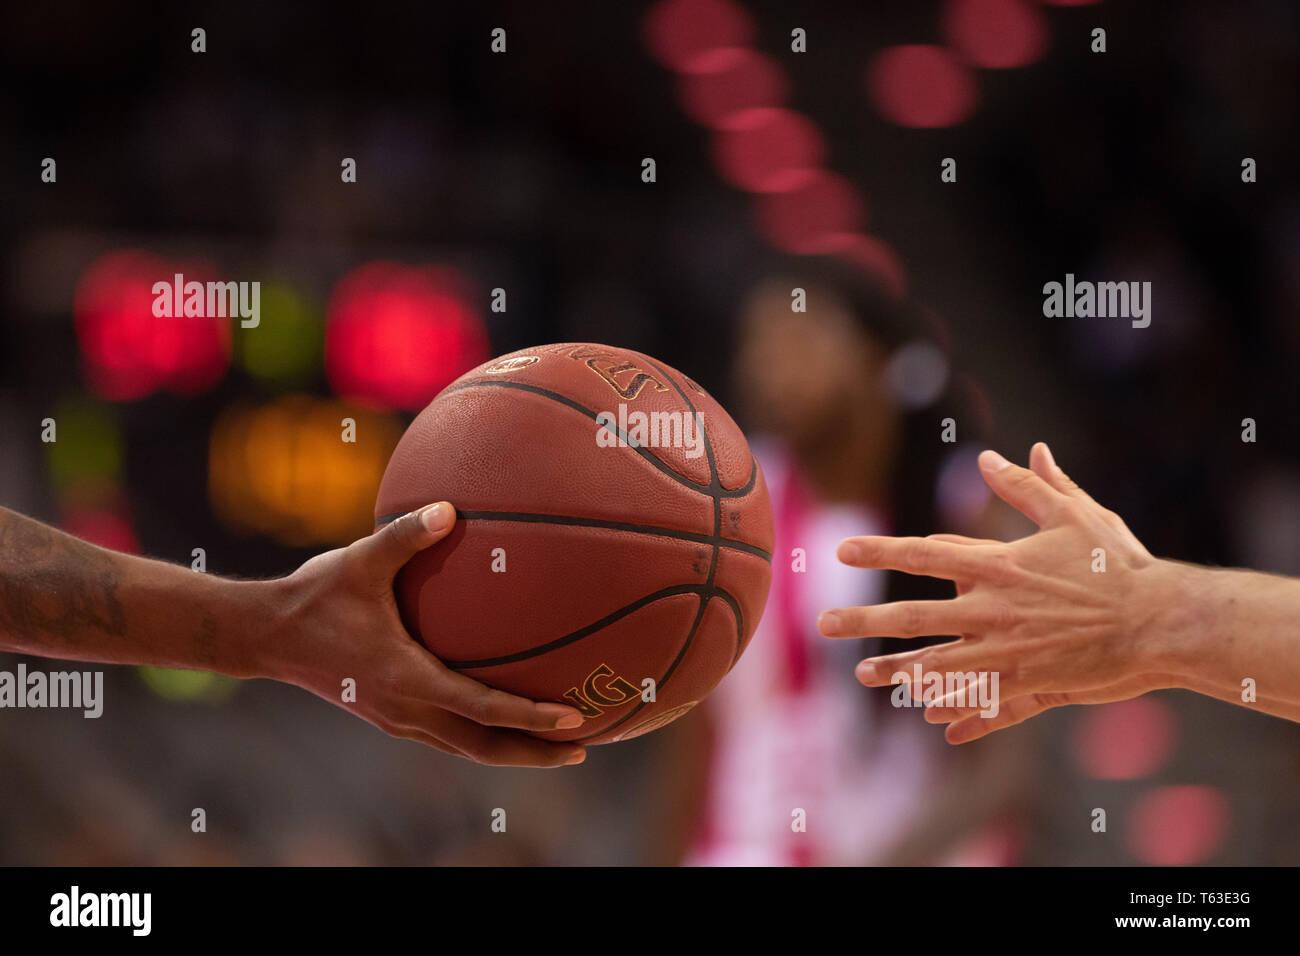 Bbl Stock Photos & Bbl Stock Images - Alamy